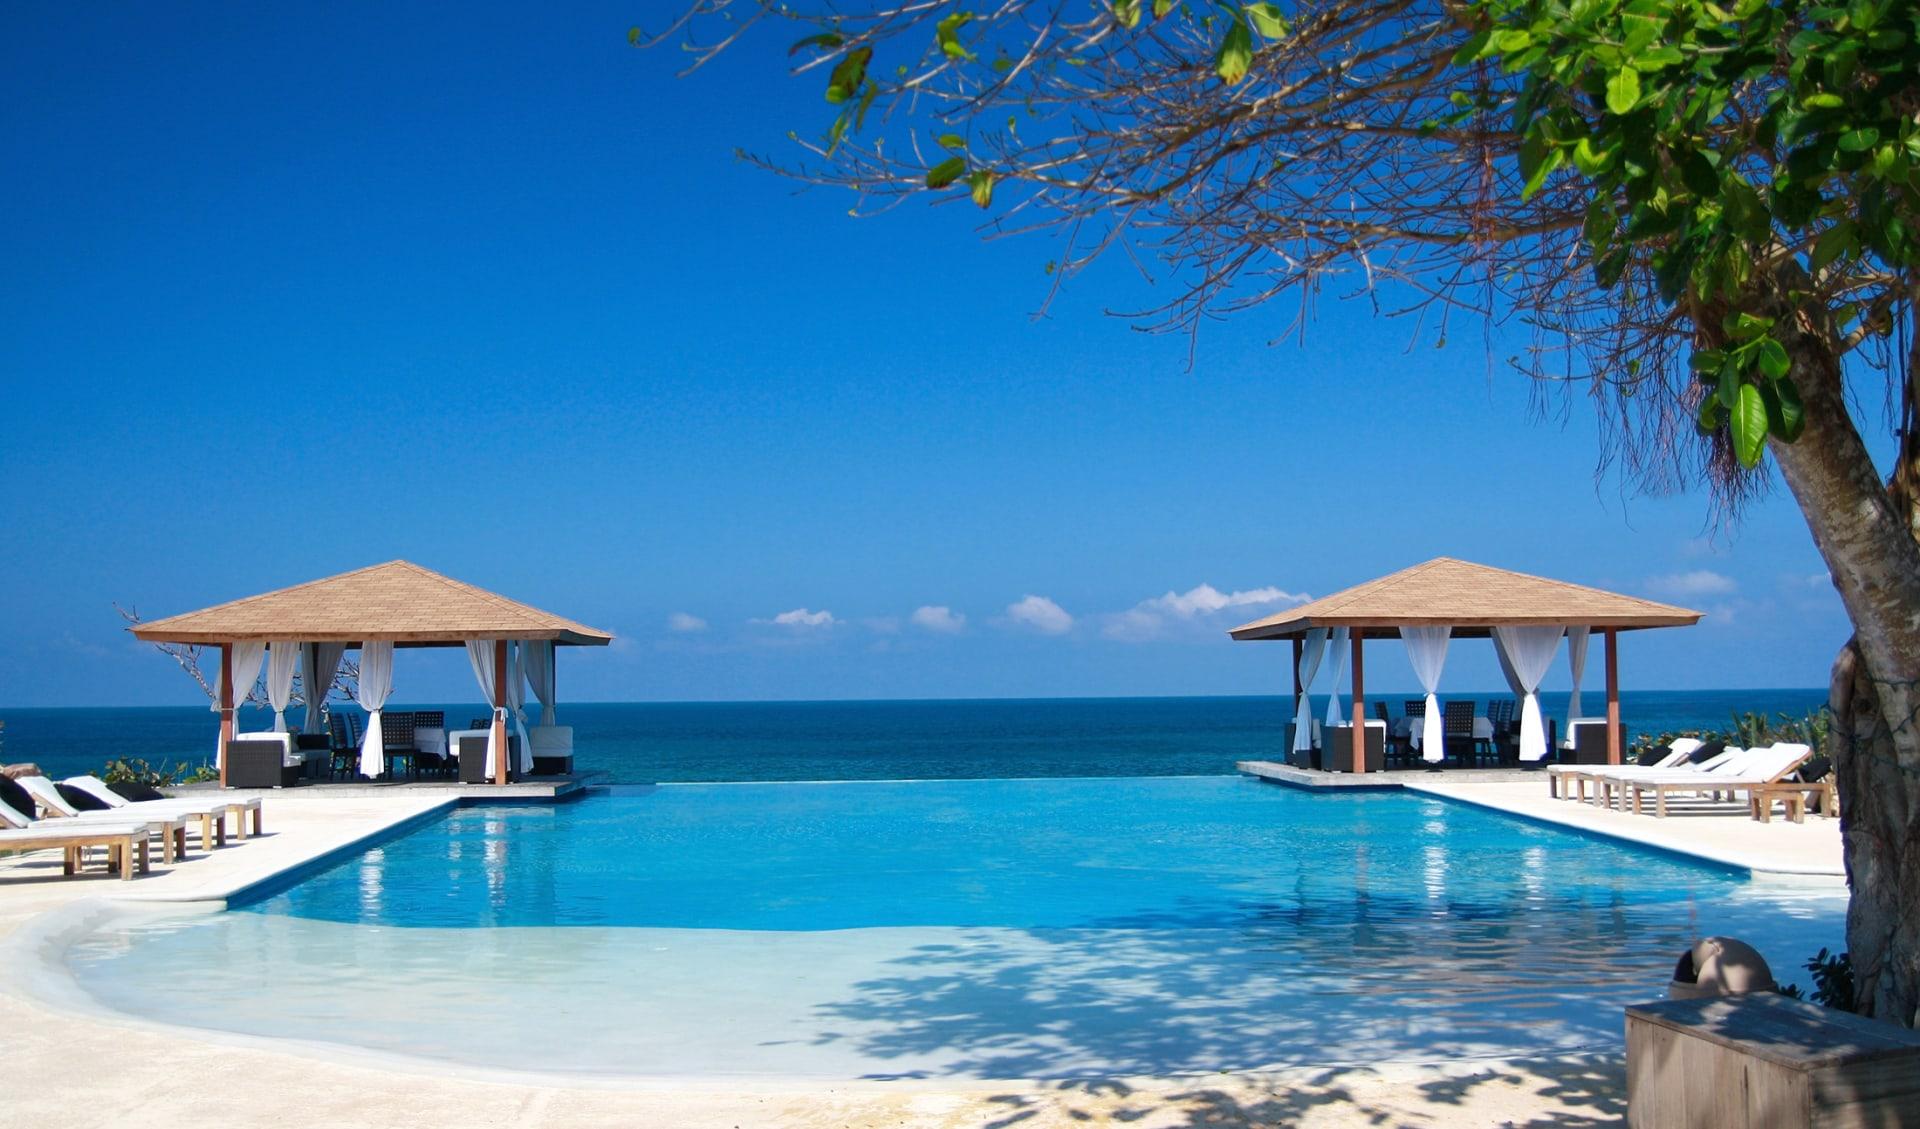 Zwei luxuriöse Ferienhäuser mit Pool in der Nähe des Ozeans, Dominikanische Republik